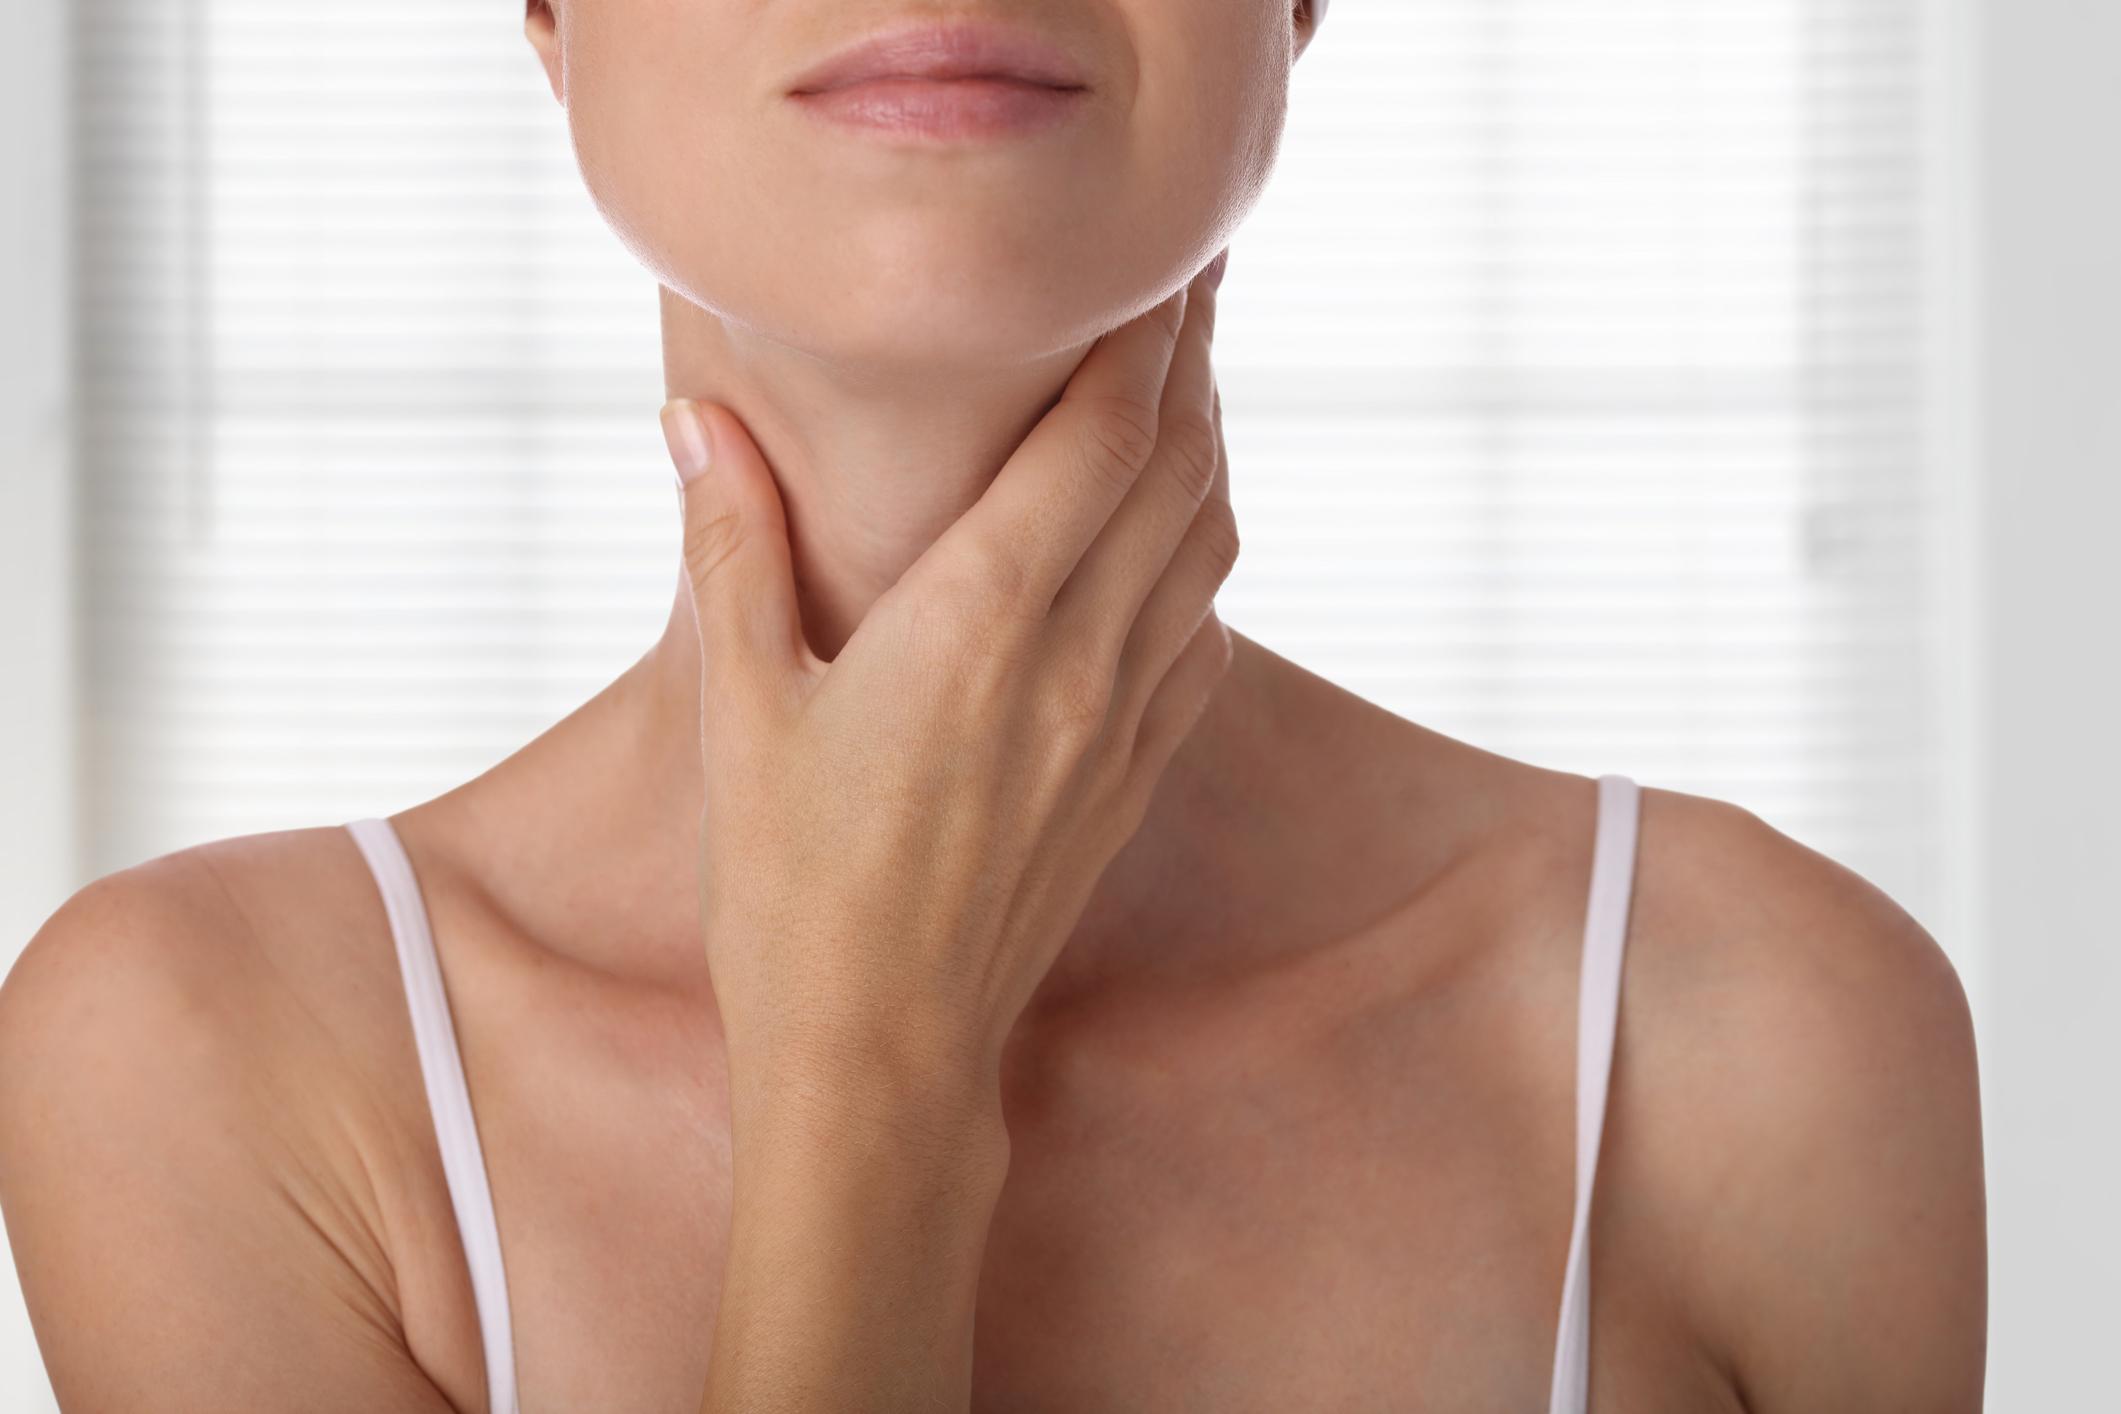 milyen betegségekkel jár az ízületek fájdalma